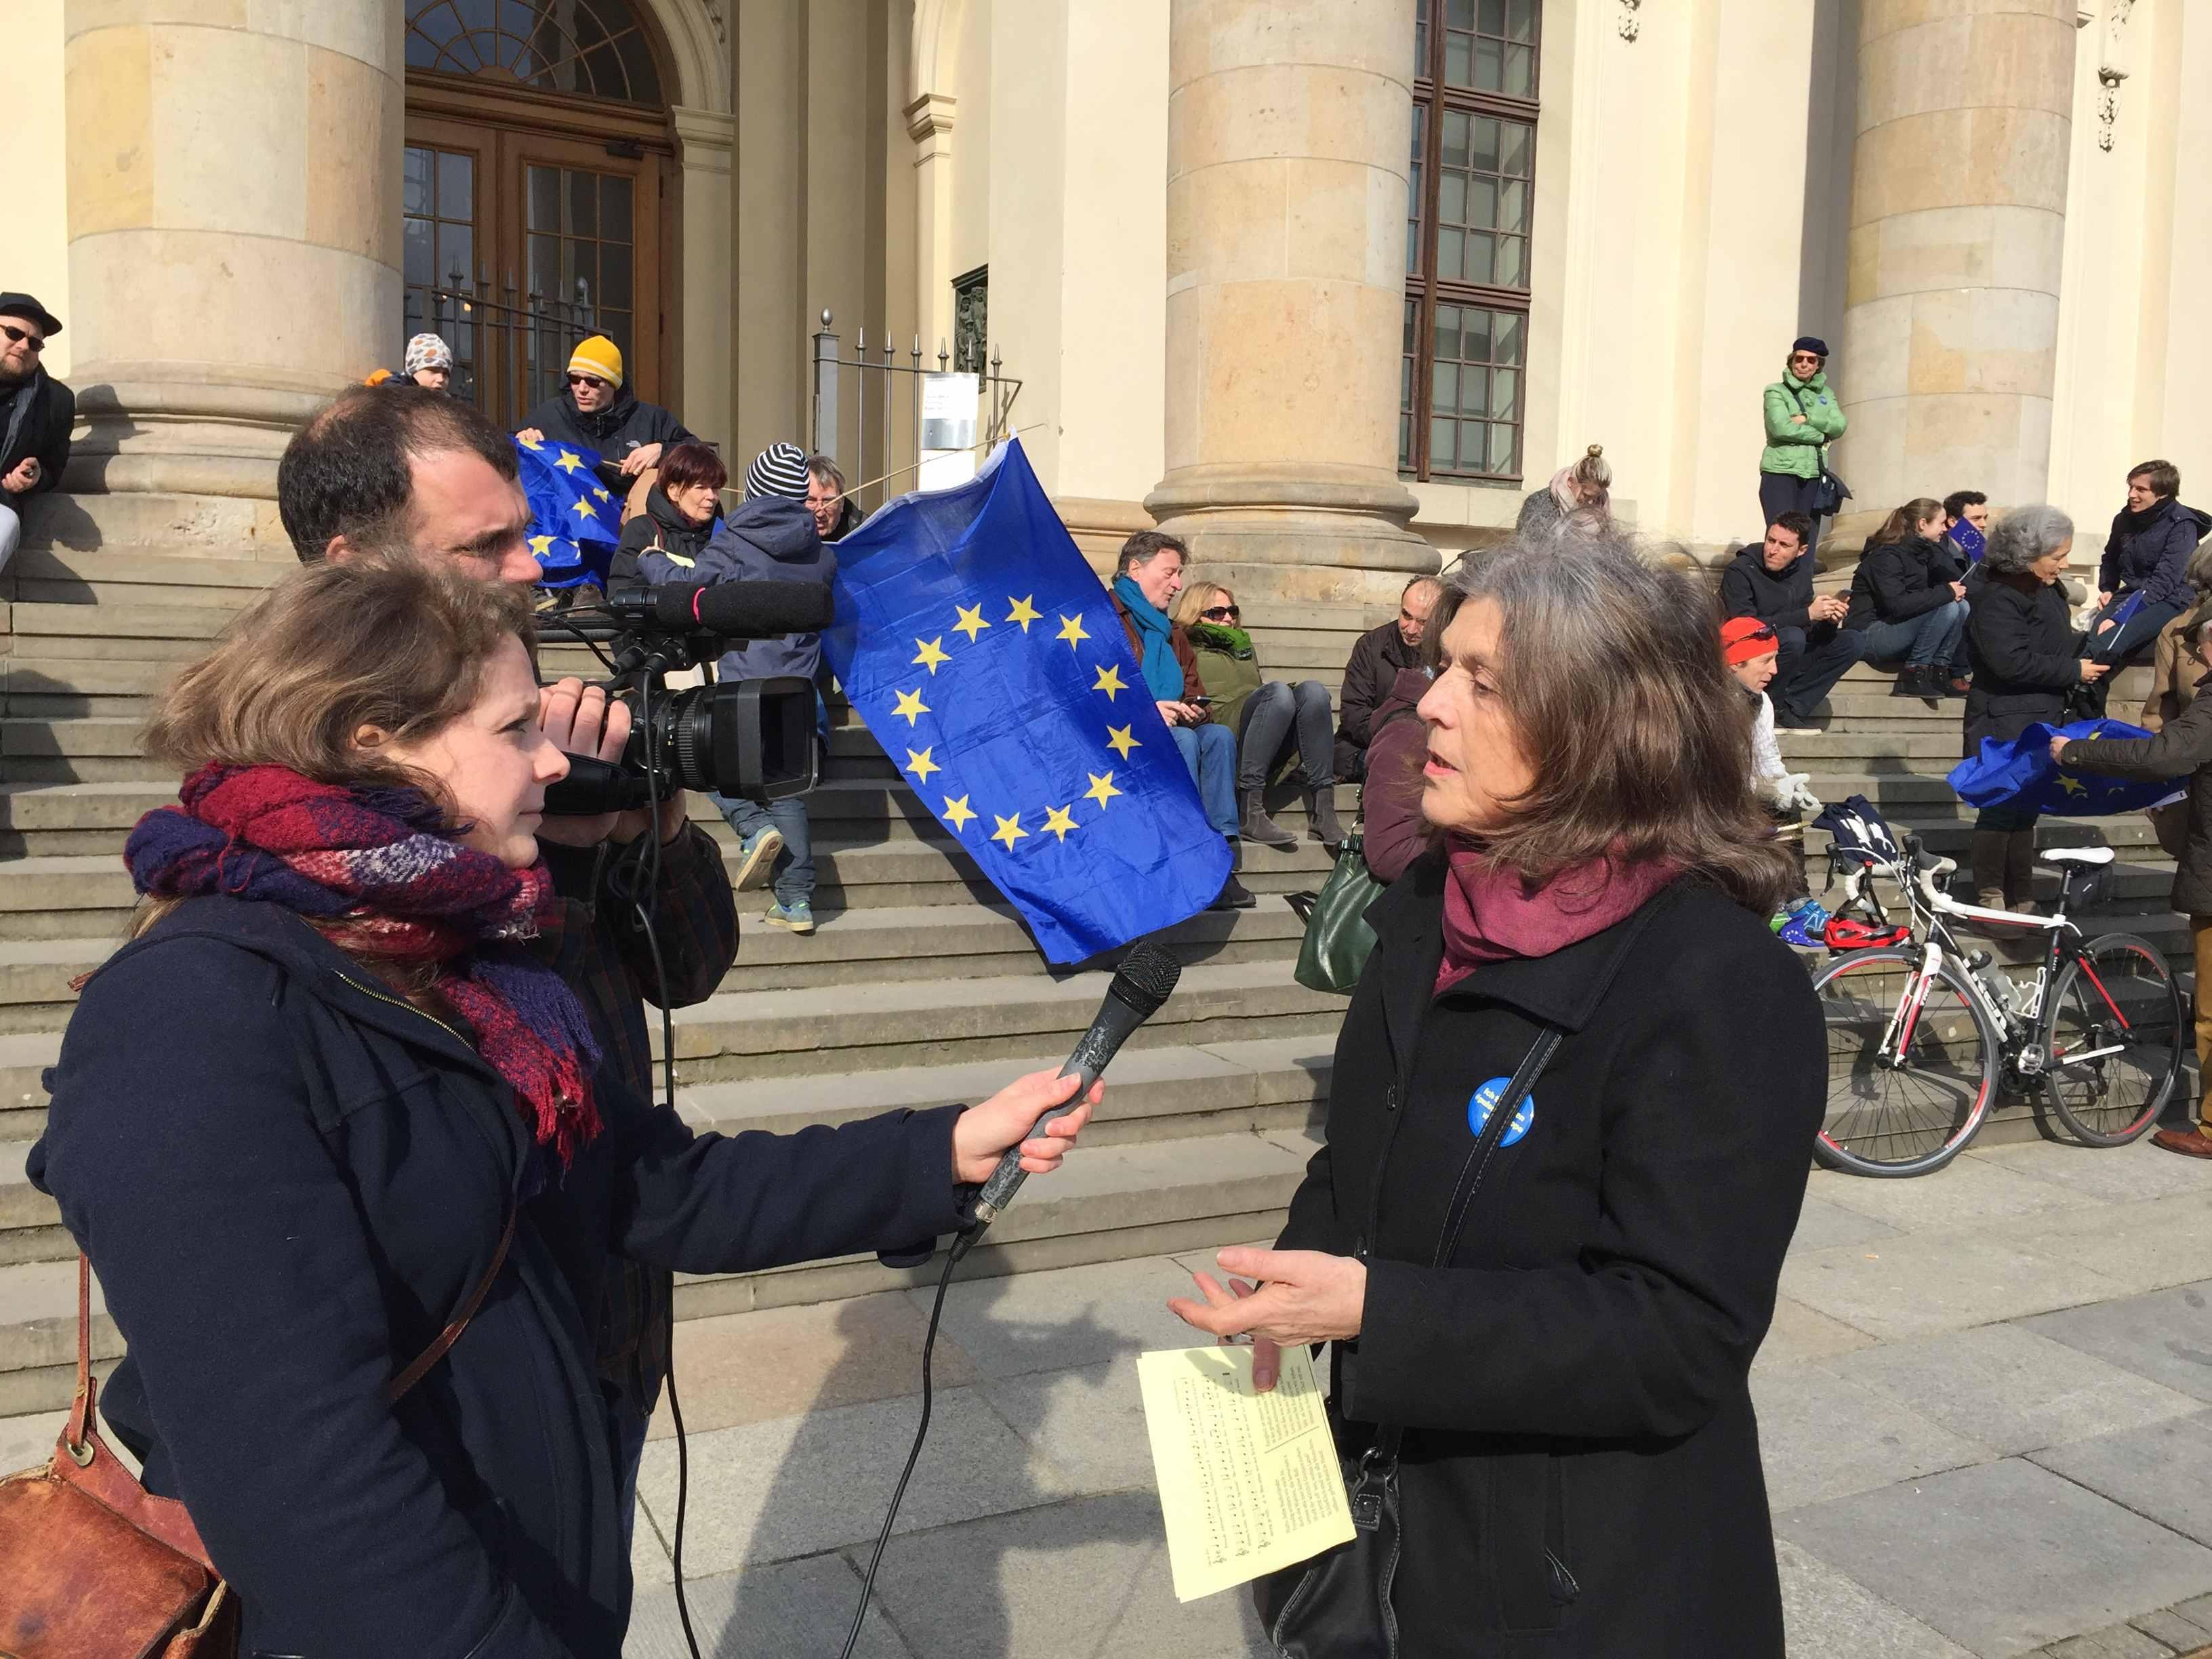 Gute Worte, gute Taten für Europa: Gudrun Schmidt-Kärner im France2-Interview